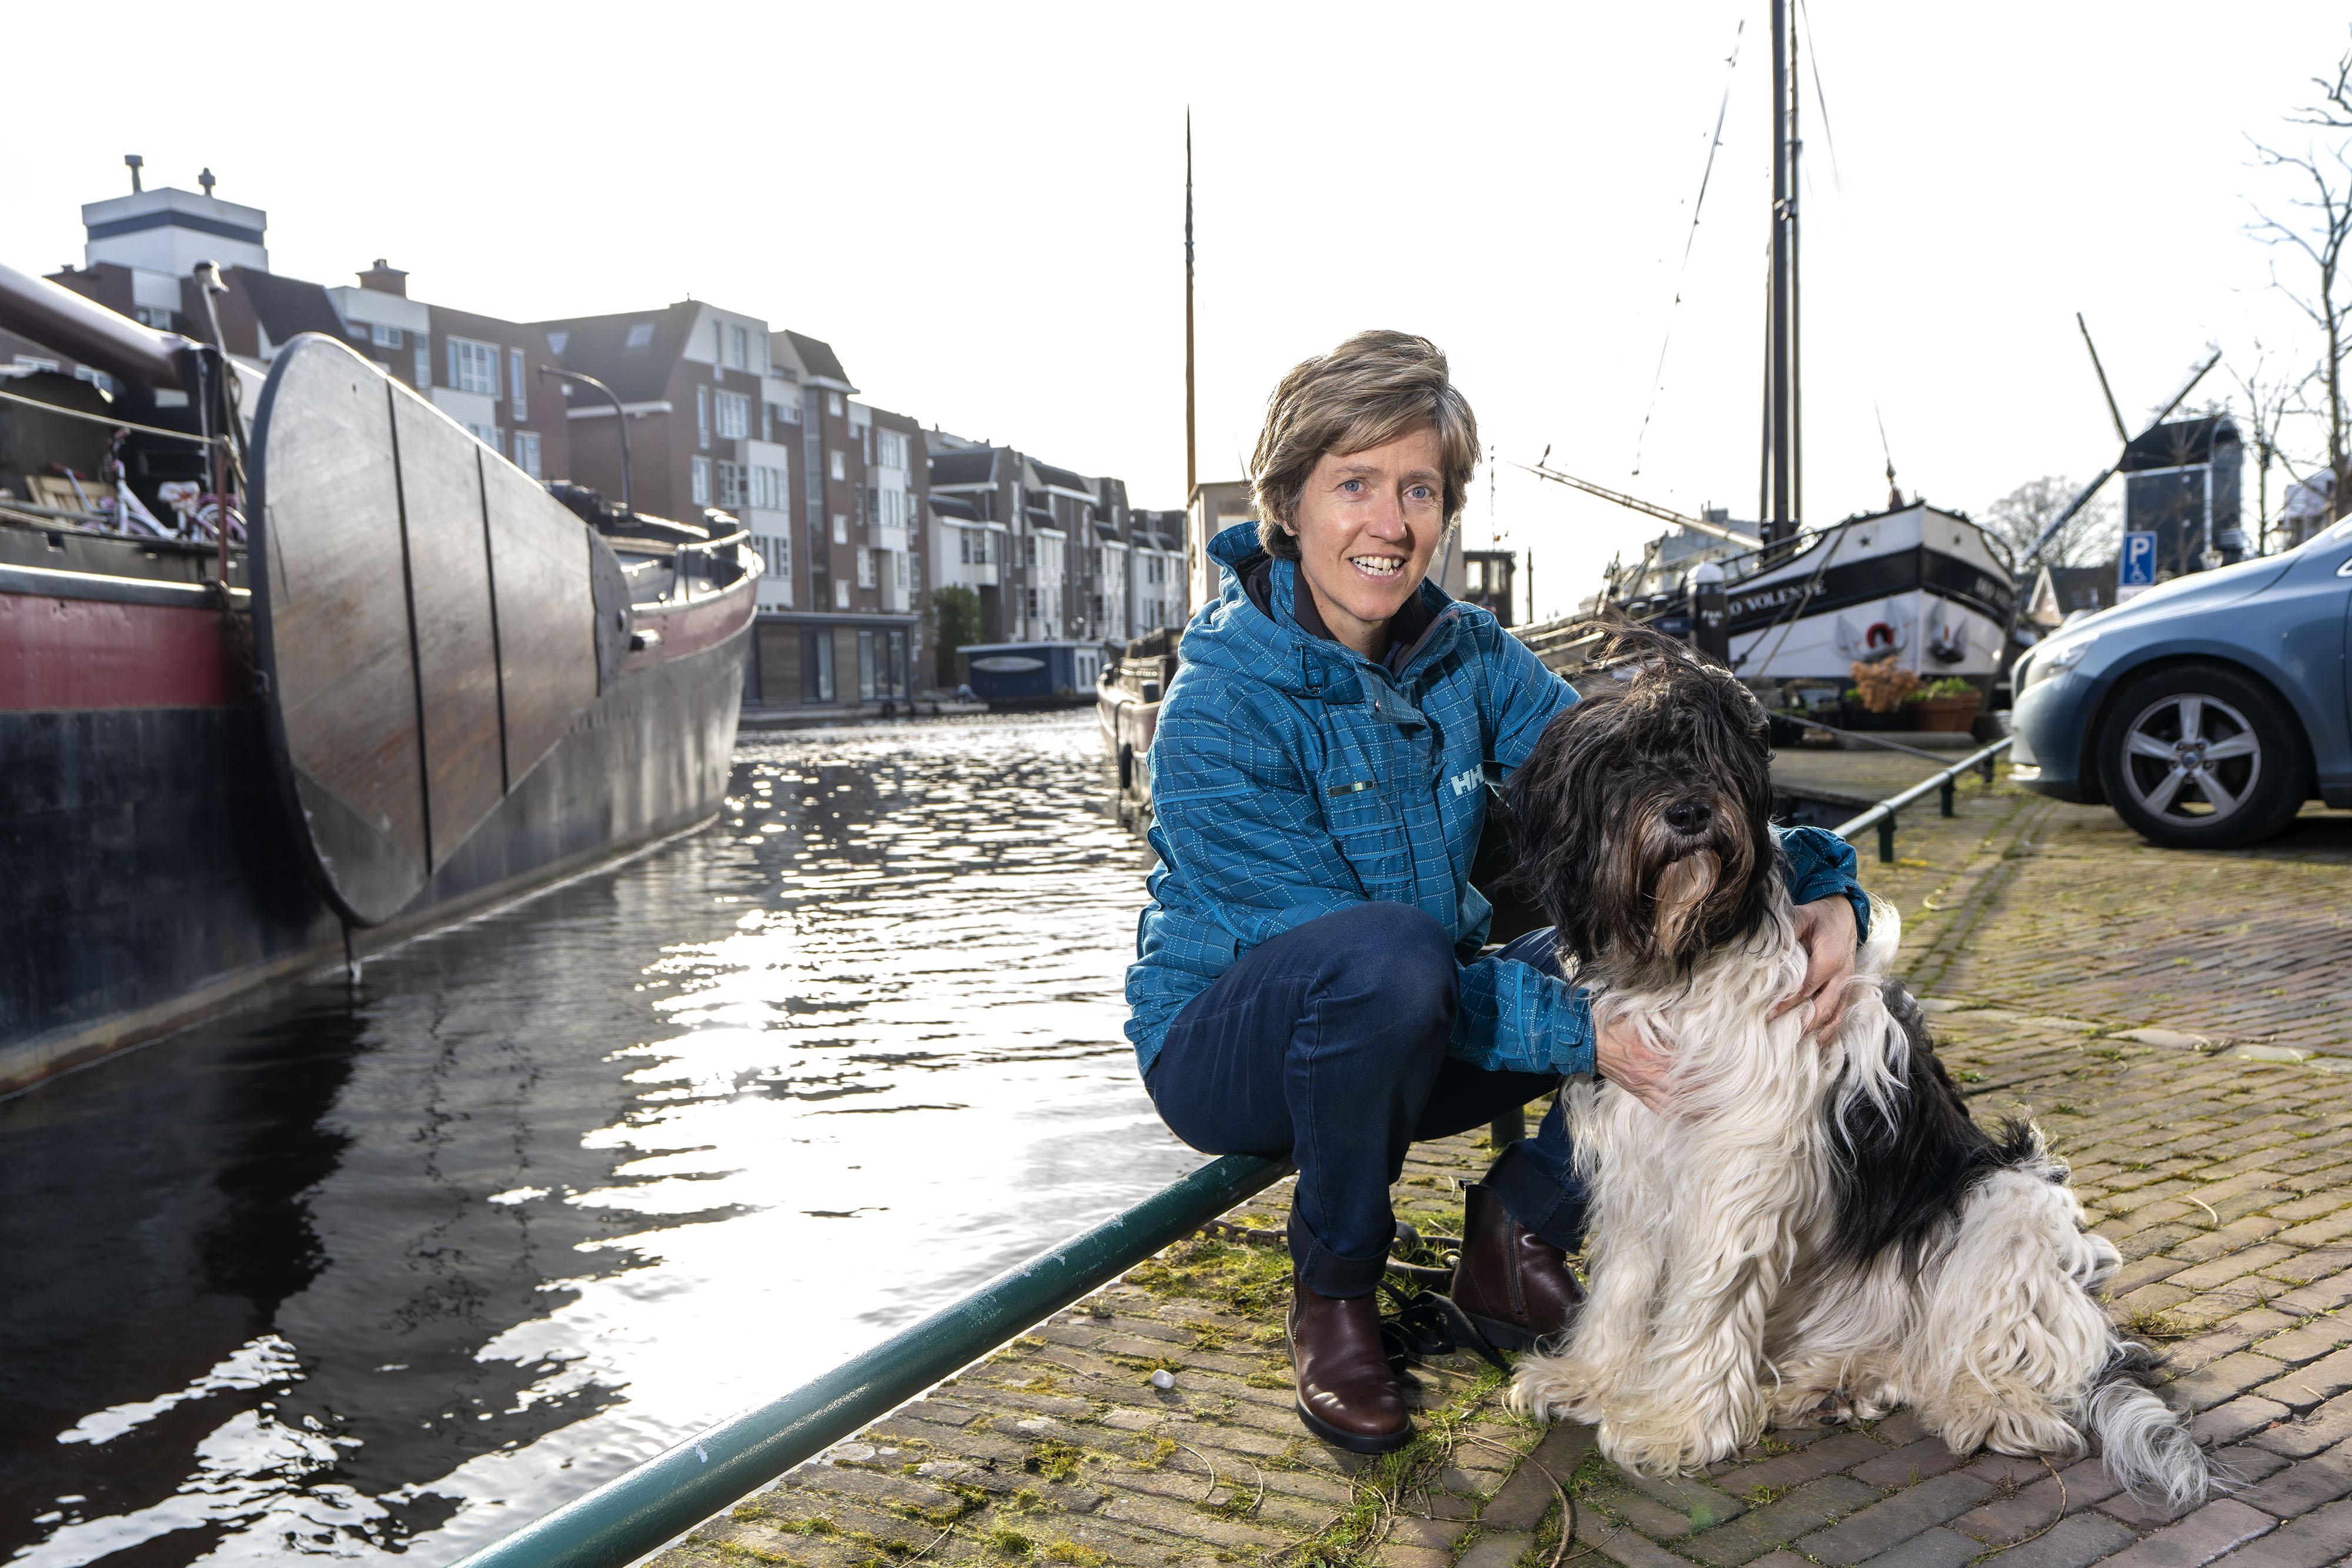 Hanneke Hortensius wil met haar positieve boek over rouw anderen steunen. 'Hoe diep je ook in de ellende zit, het gaat bij de meesten ook weer over'